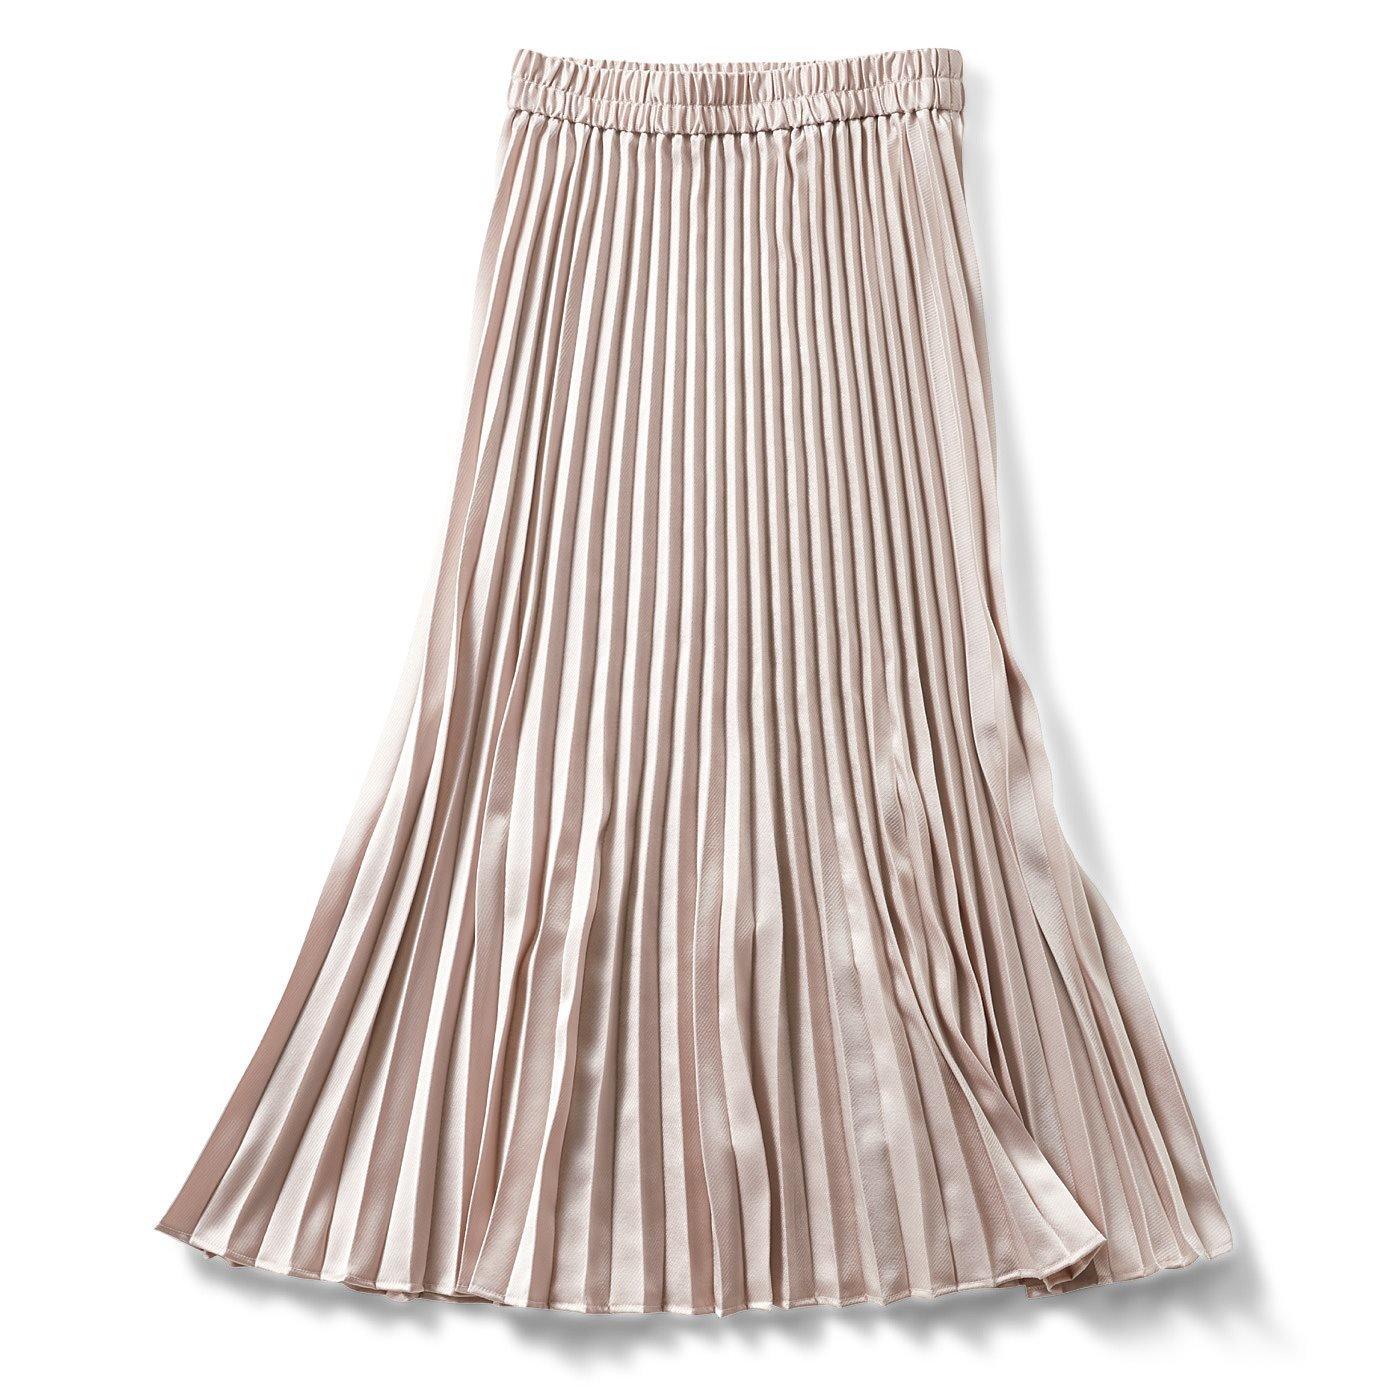 IEDIT[イディット] 斜めストライプ織り柄サテンのプリーツロングスカート〈アイボリーベージュ〉